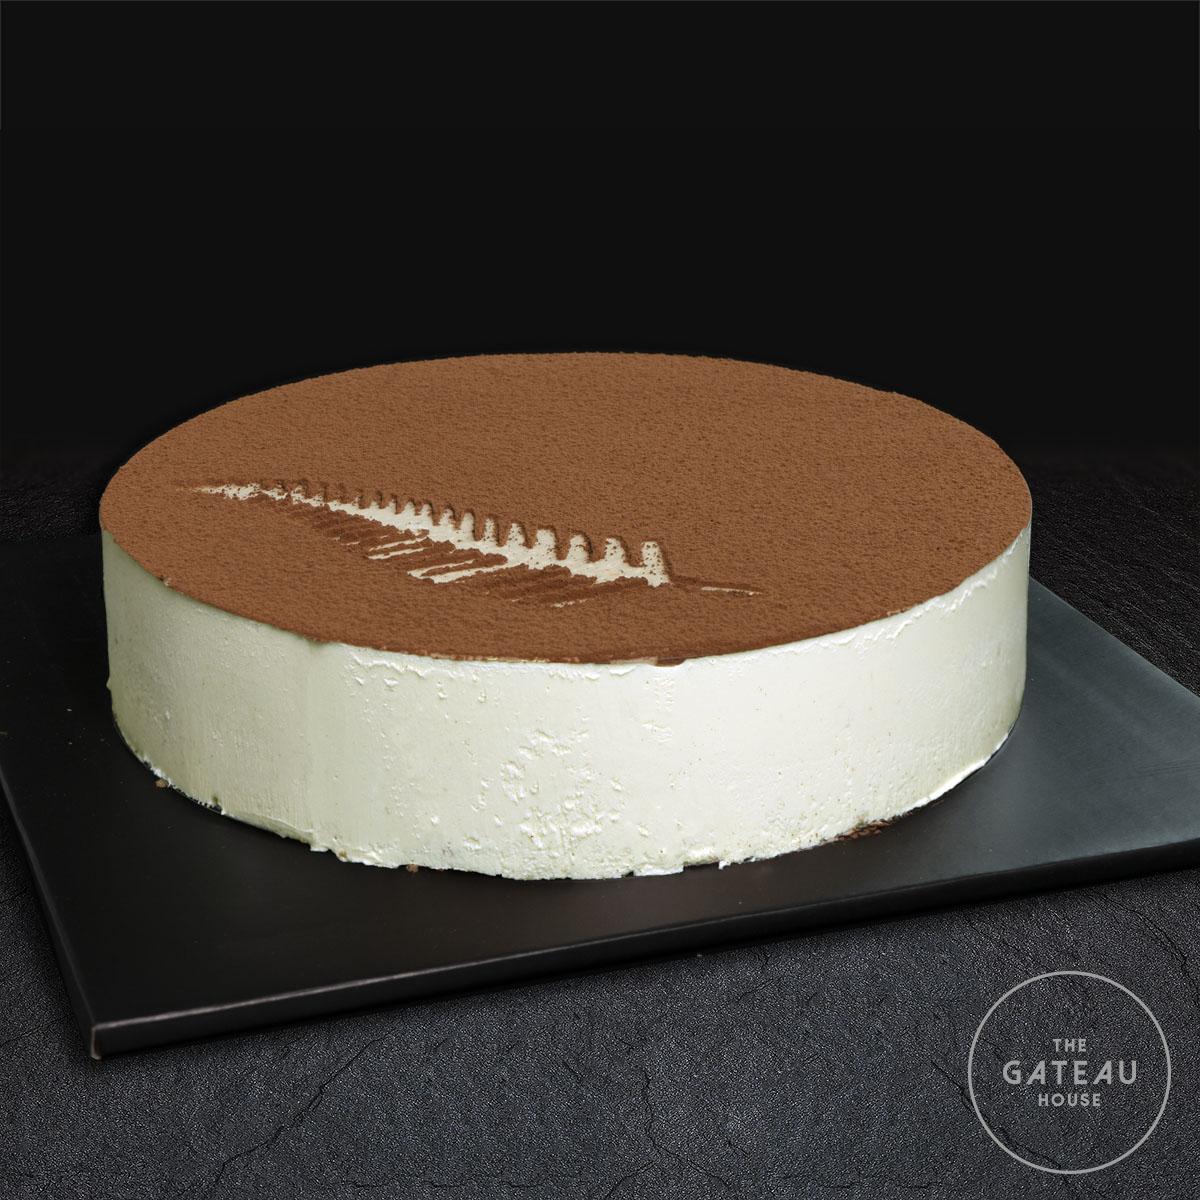 Marvelous Tiramisu Mousse Cake The Gateau House Funny Birthday Cards Online Necthendildamsfinfo